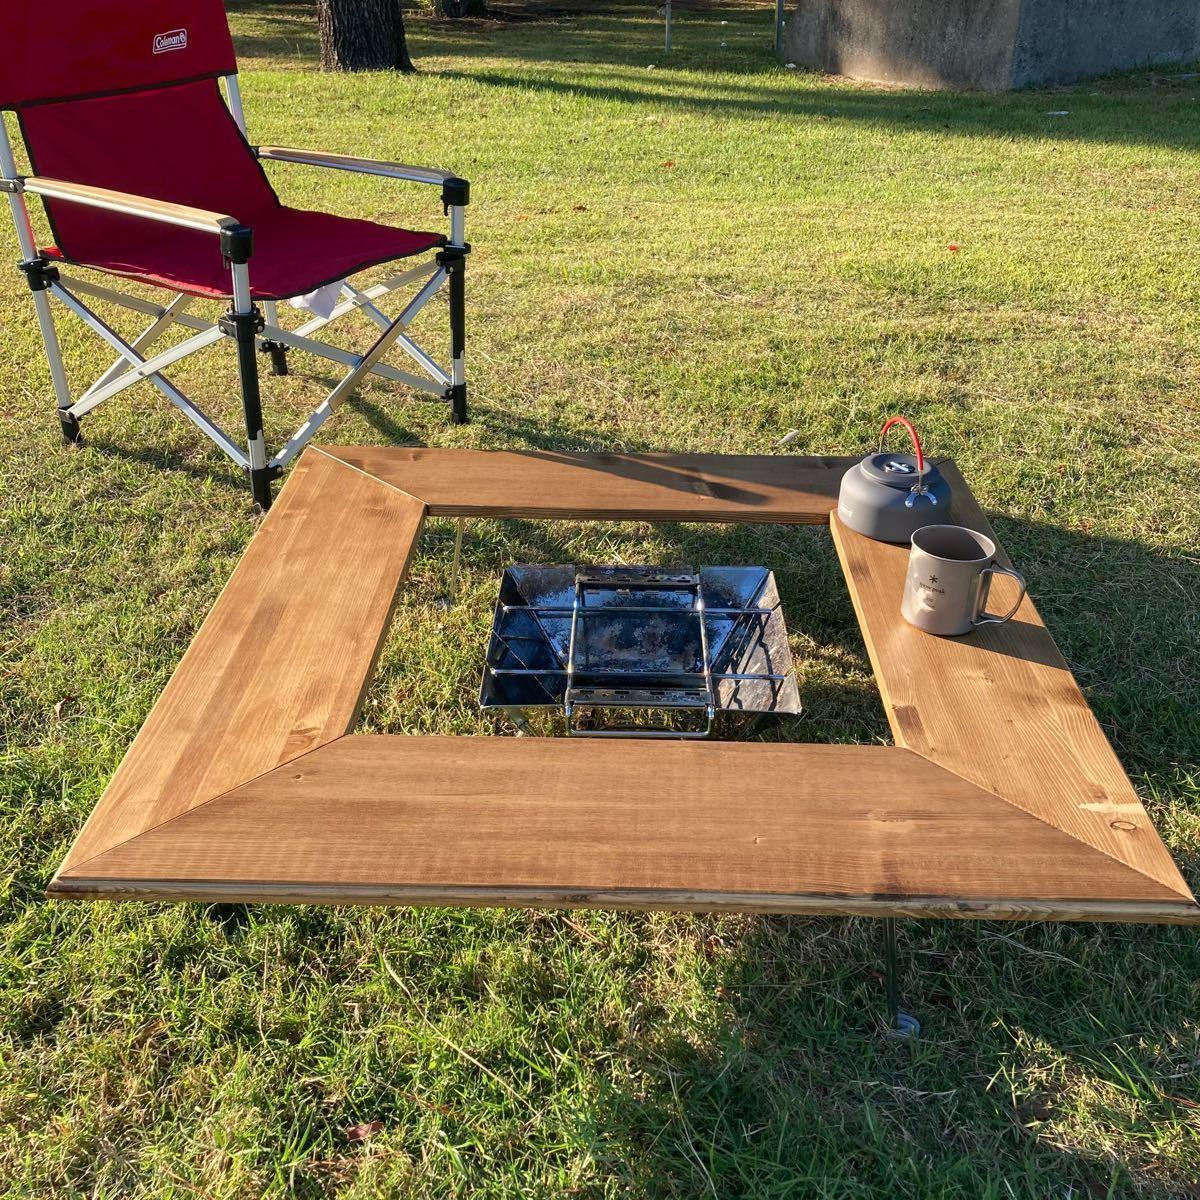 【2大特別プレゼント付き】防炎施工有りの囲炉裏テーブル  焚き火台テーブル